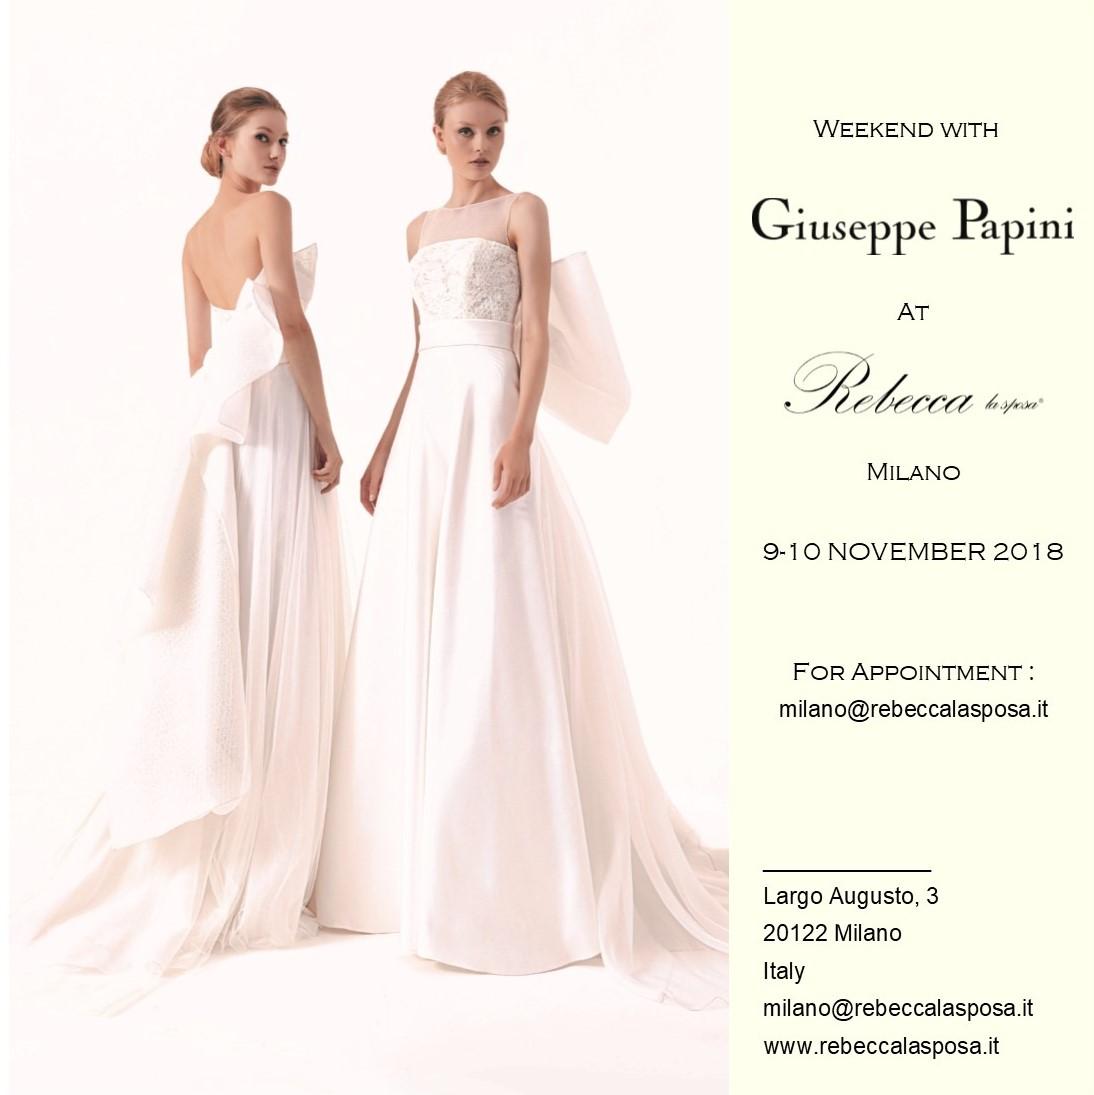 Giuseppe Papini 9/10 Novembre 2018